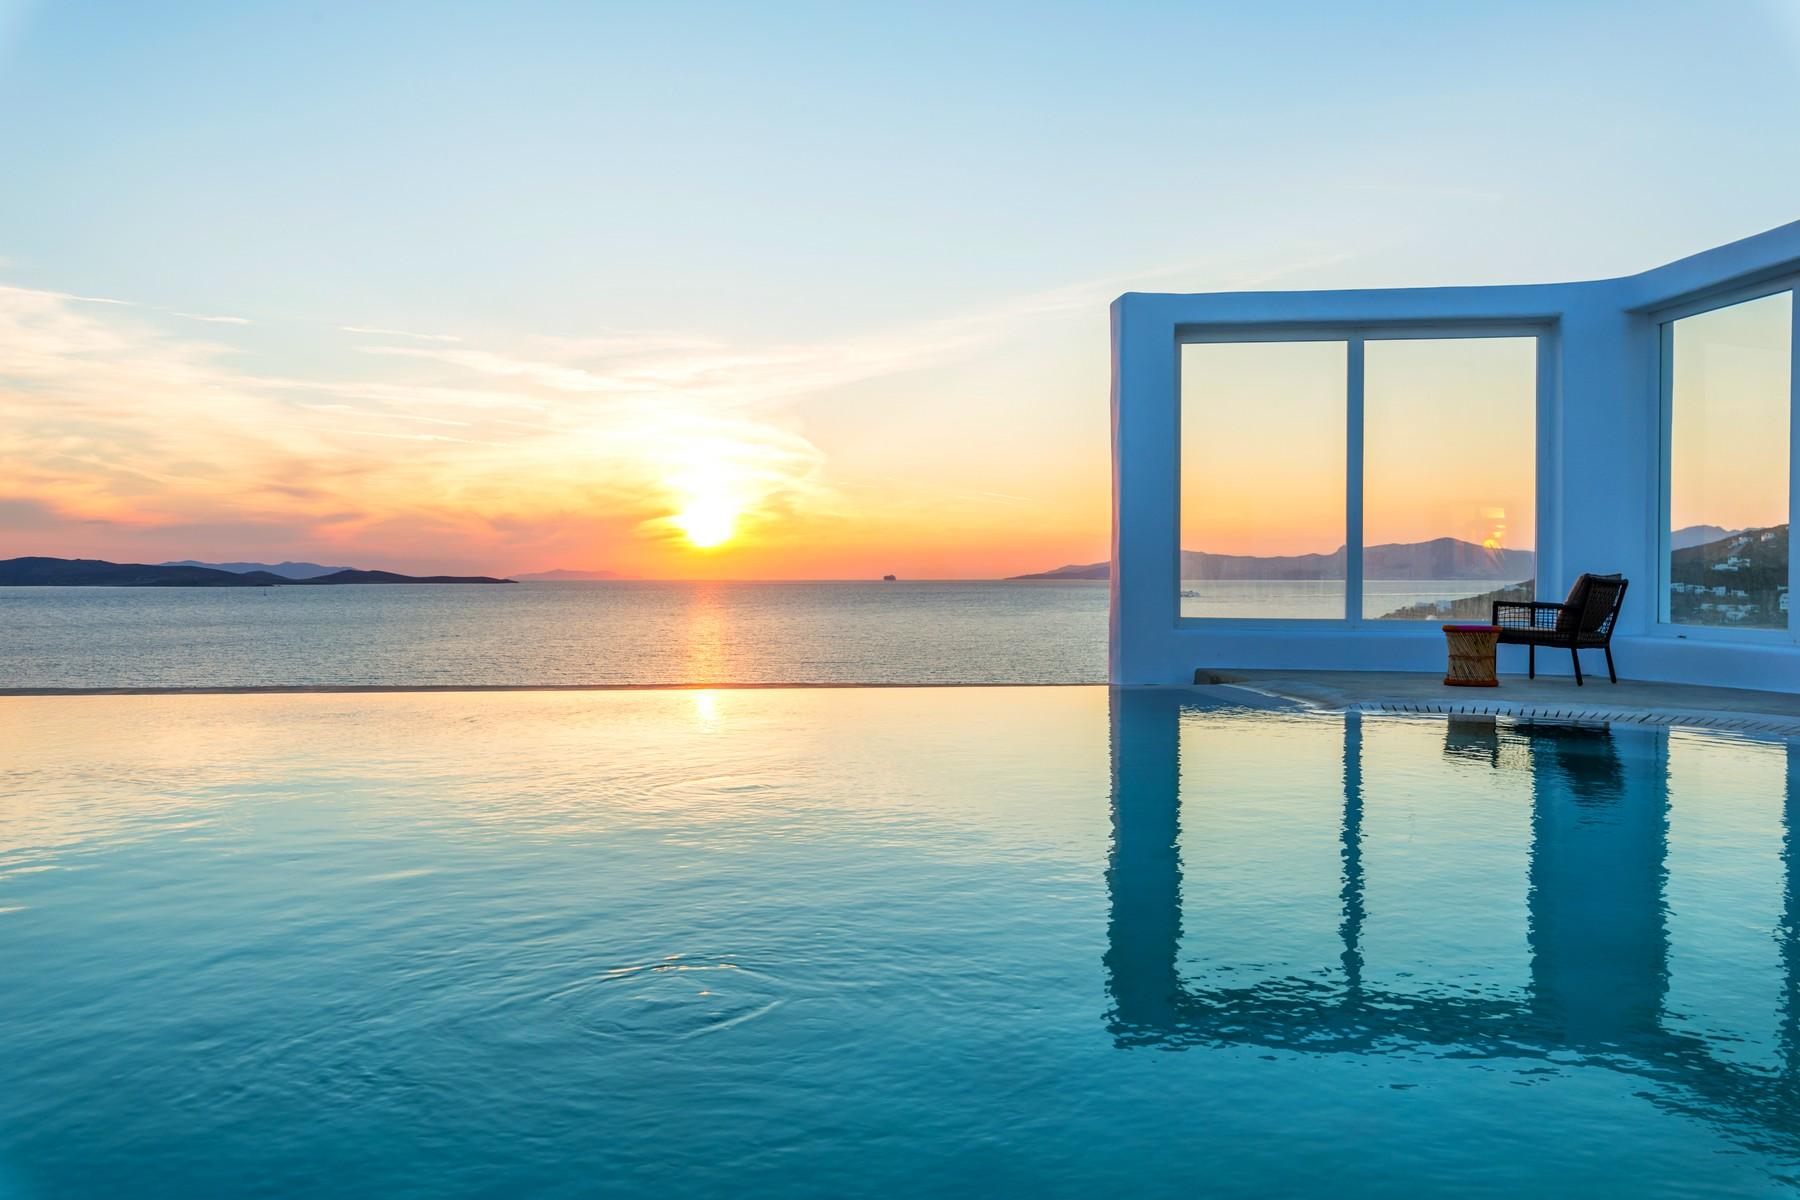 Moradia para Venda às Exclusive Waterfront Aleomandra Mykonos, Sul Do Mar Egeu, 84600 Grécia